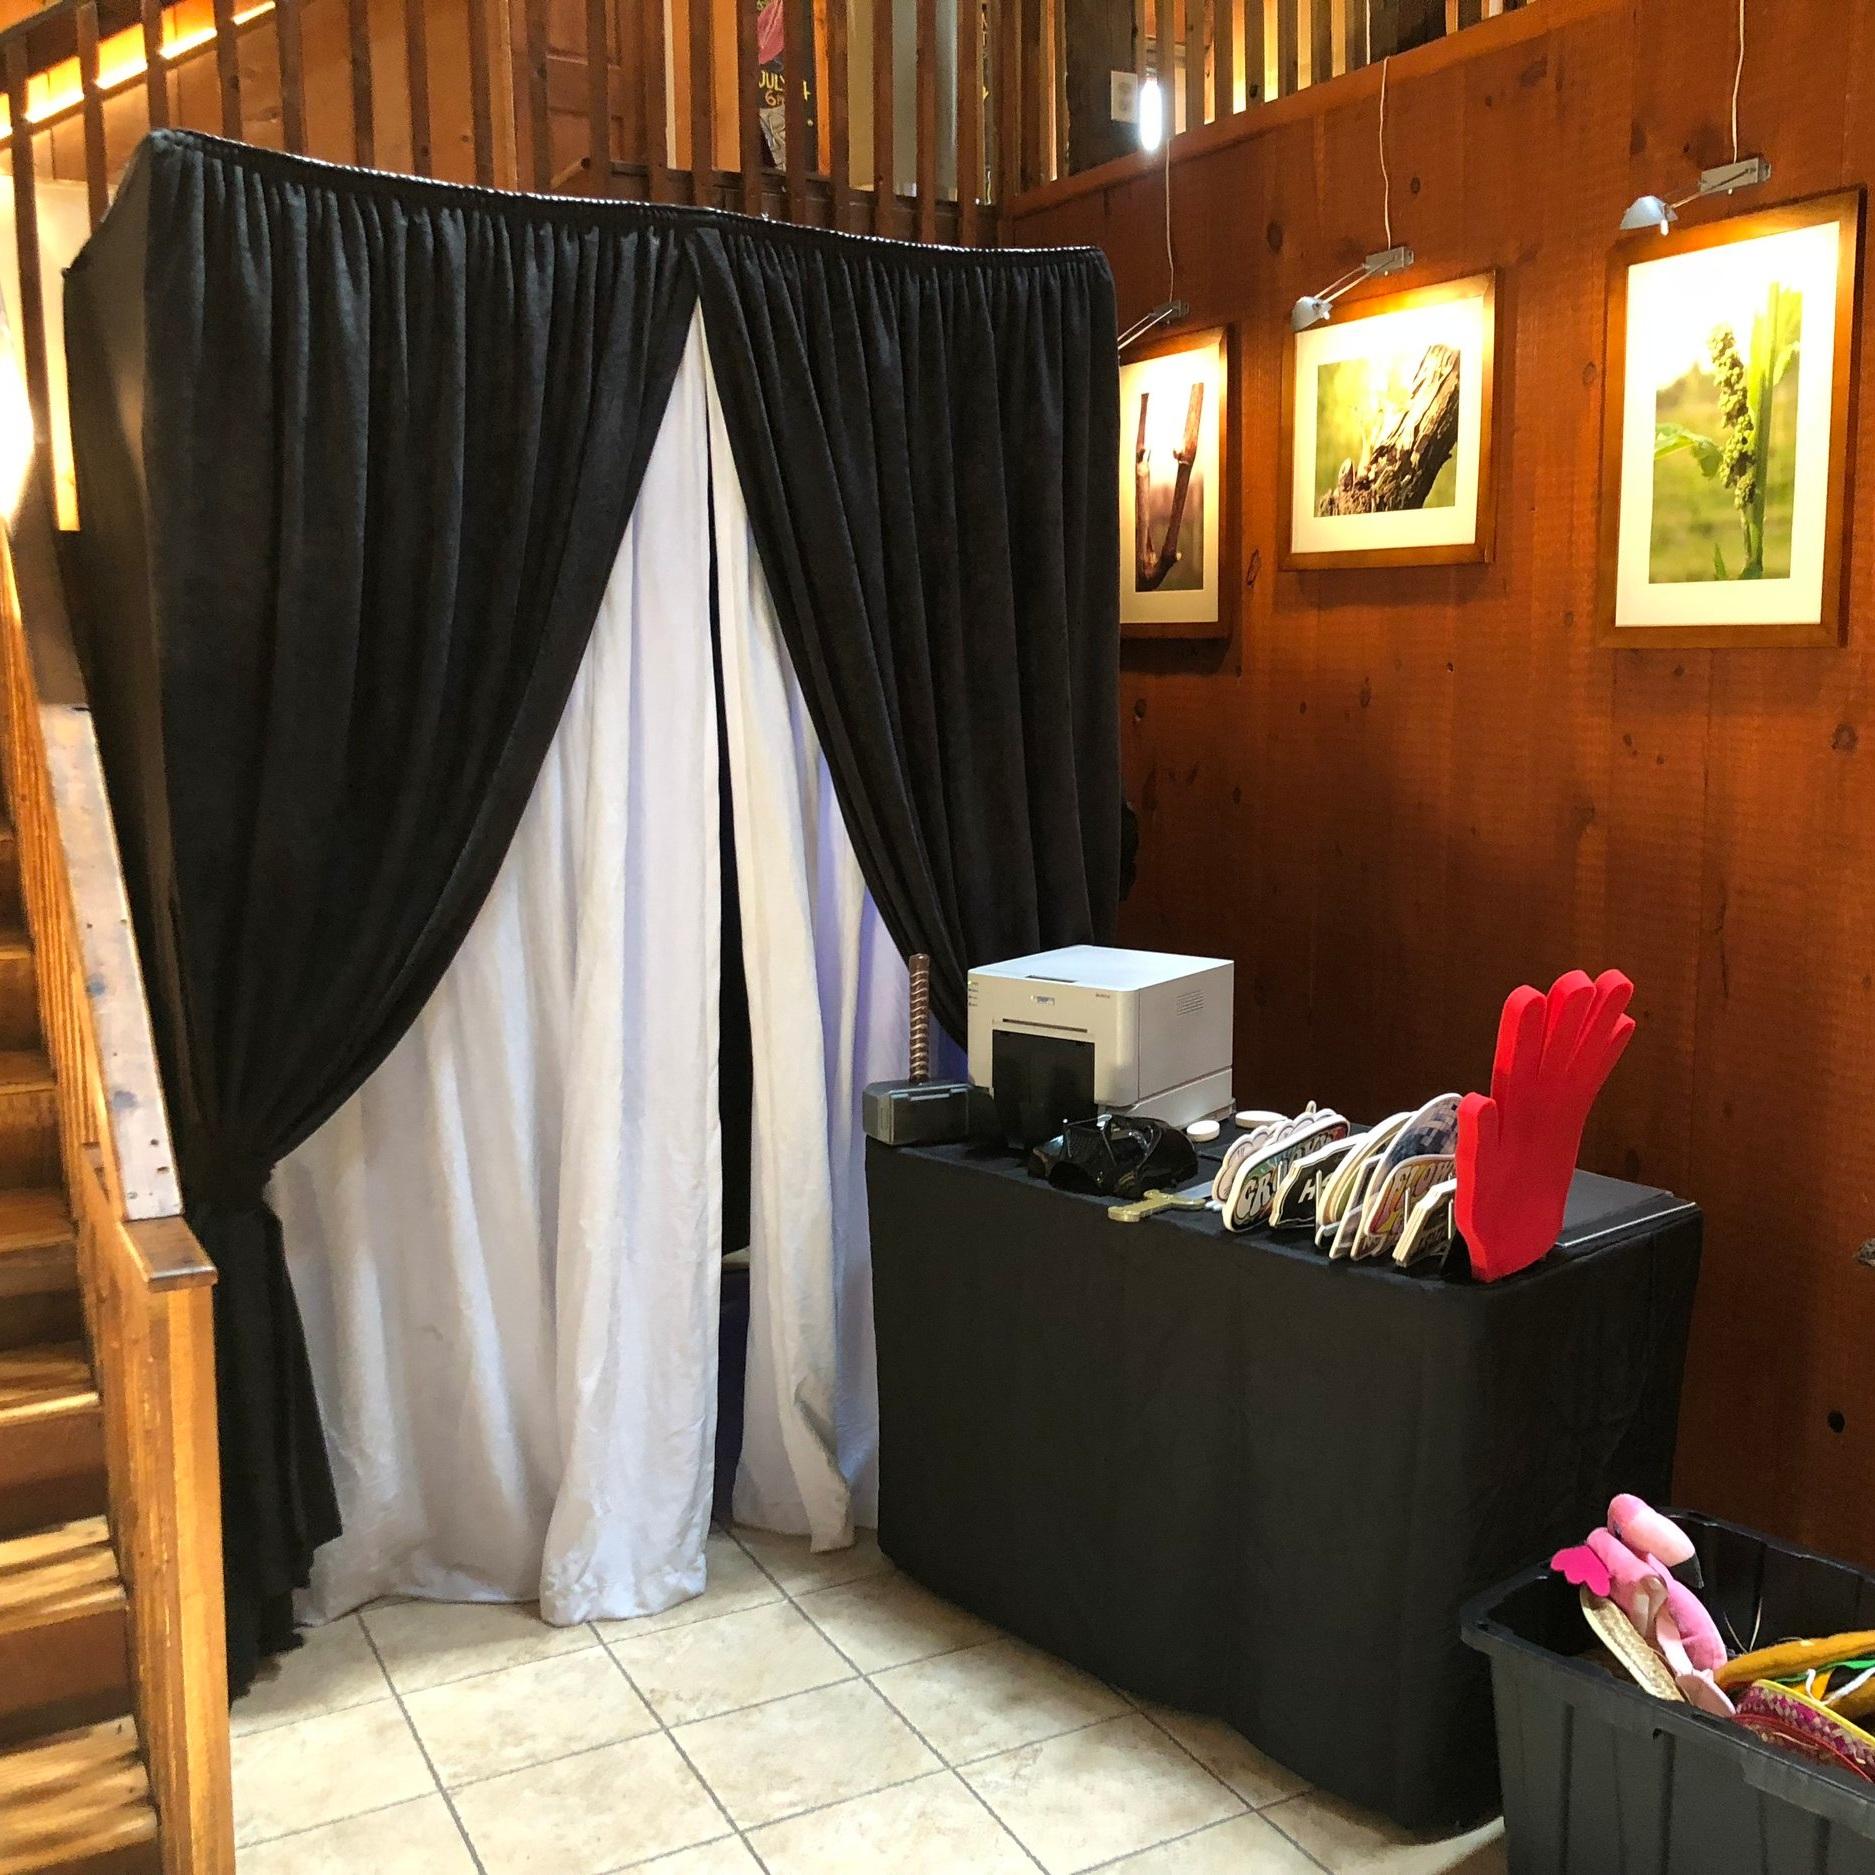 The Original Enclosed Tuxedo Booth Enclosure